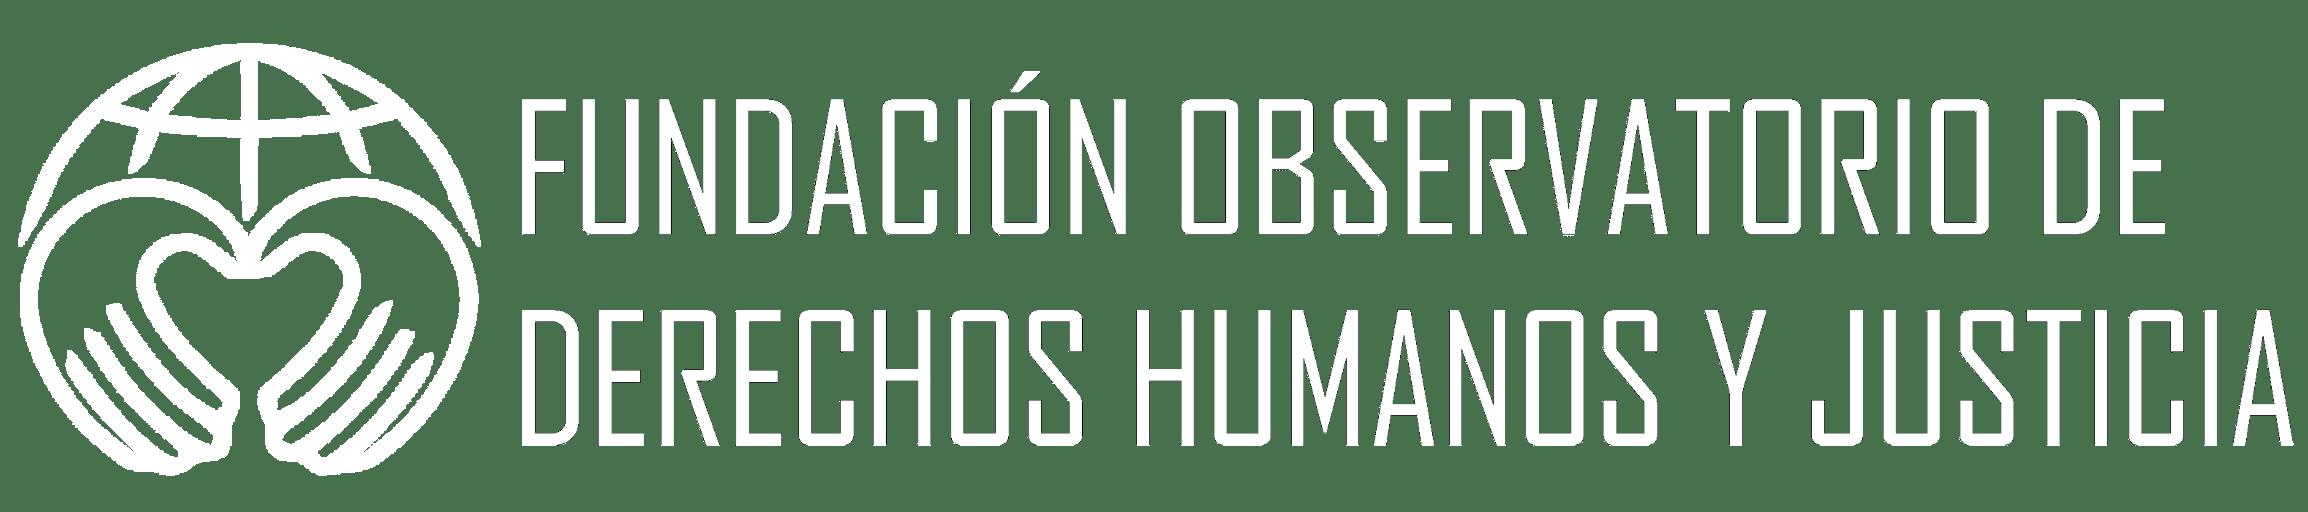 Fundación Observatorio de Derechos Humanos y Justicia